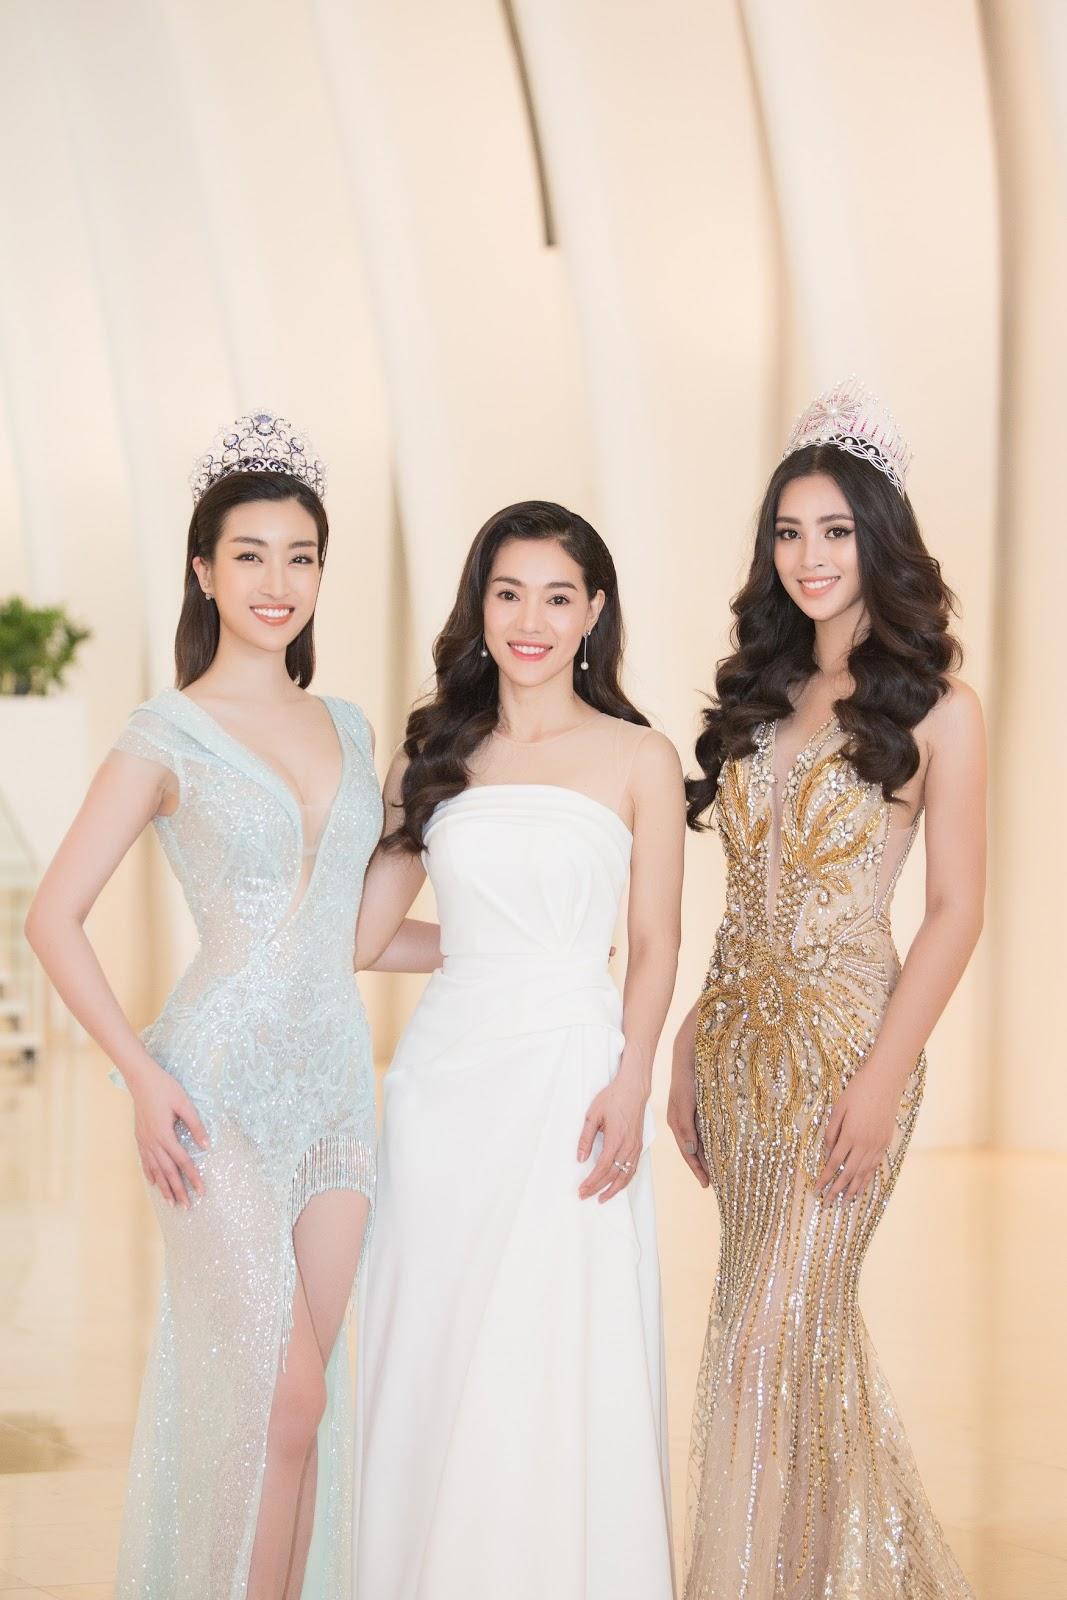 Đấu trường nhan sắc danh giá thế giới - Miss World chính thức tổ chức tại Việt Nam - Hình 11